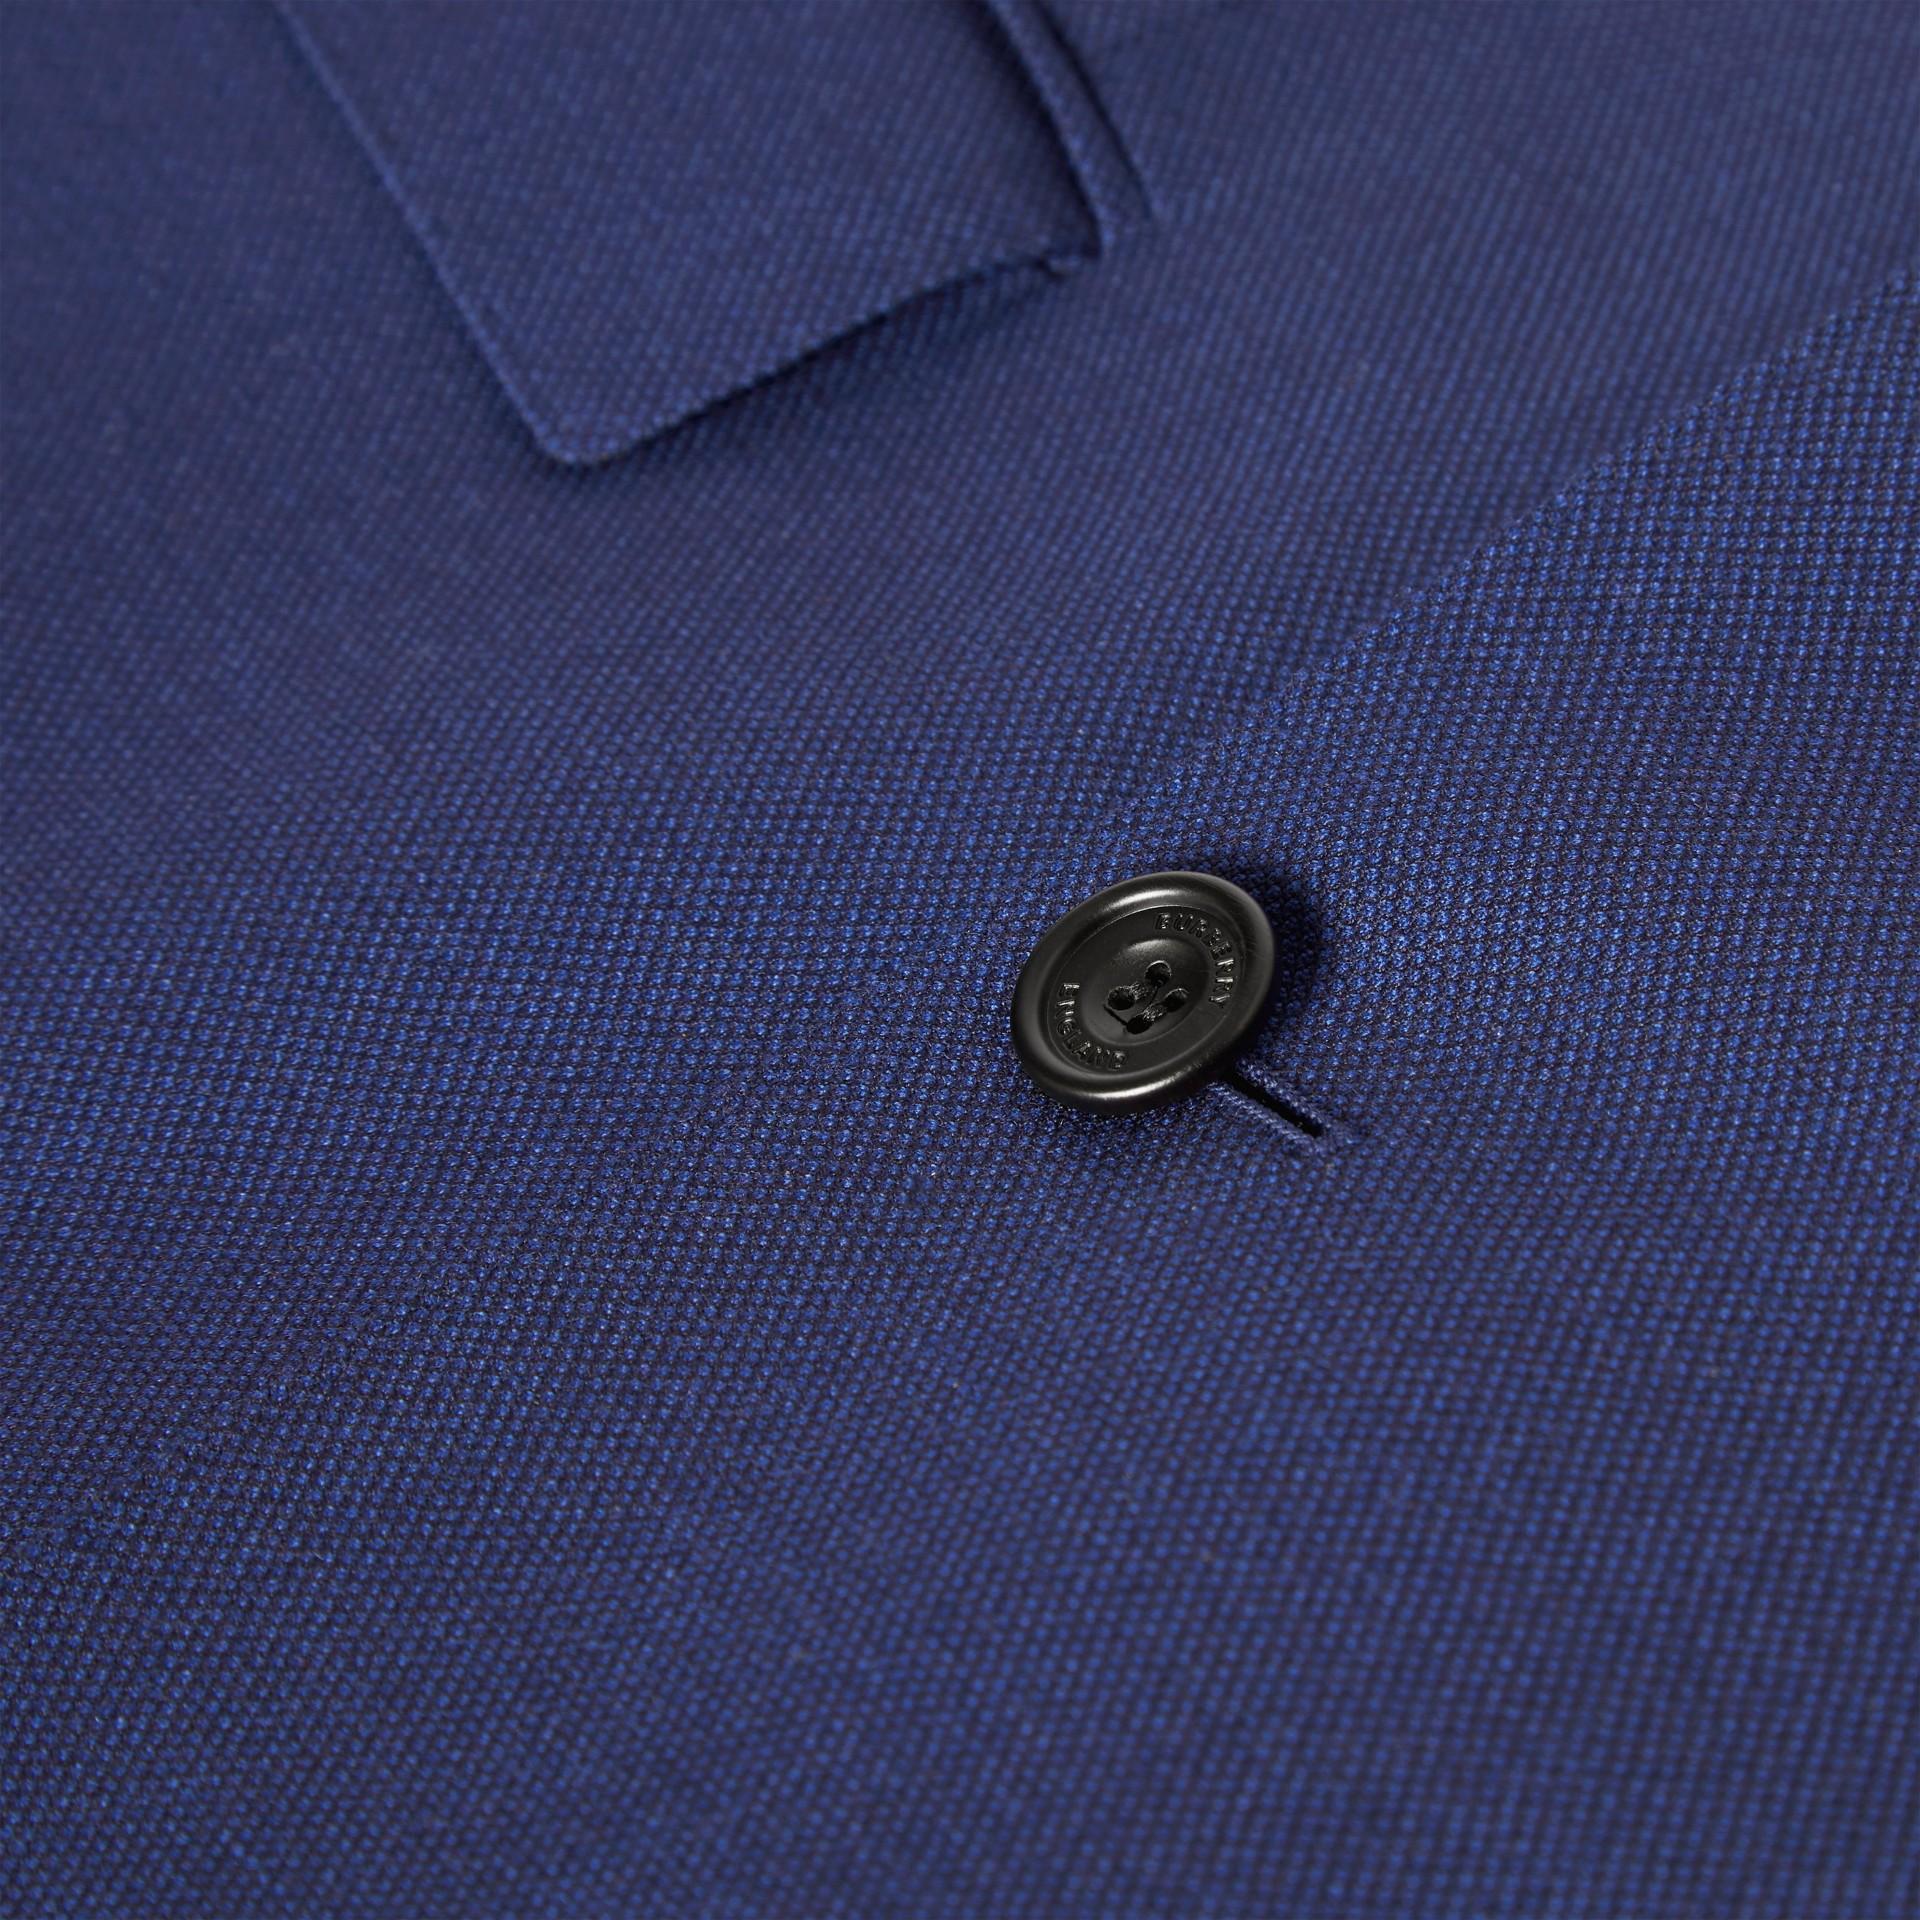 Elegantes Jackett aus Birdseye-Wolle in klassischer Passform (Leuchtendes Marineblau) - Herren | Burberry - Galerie-Bild 6